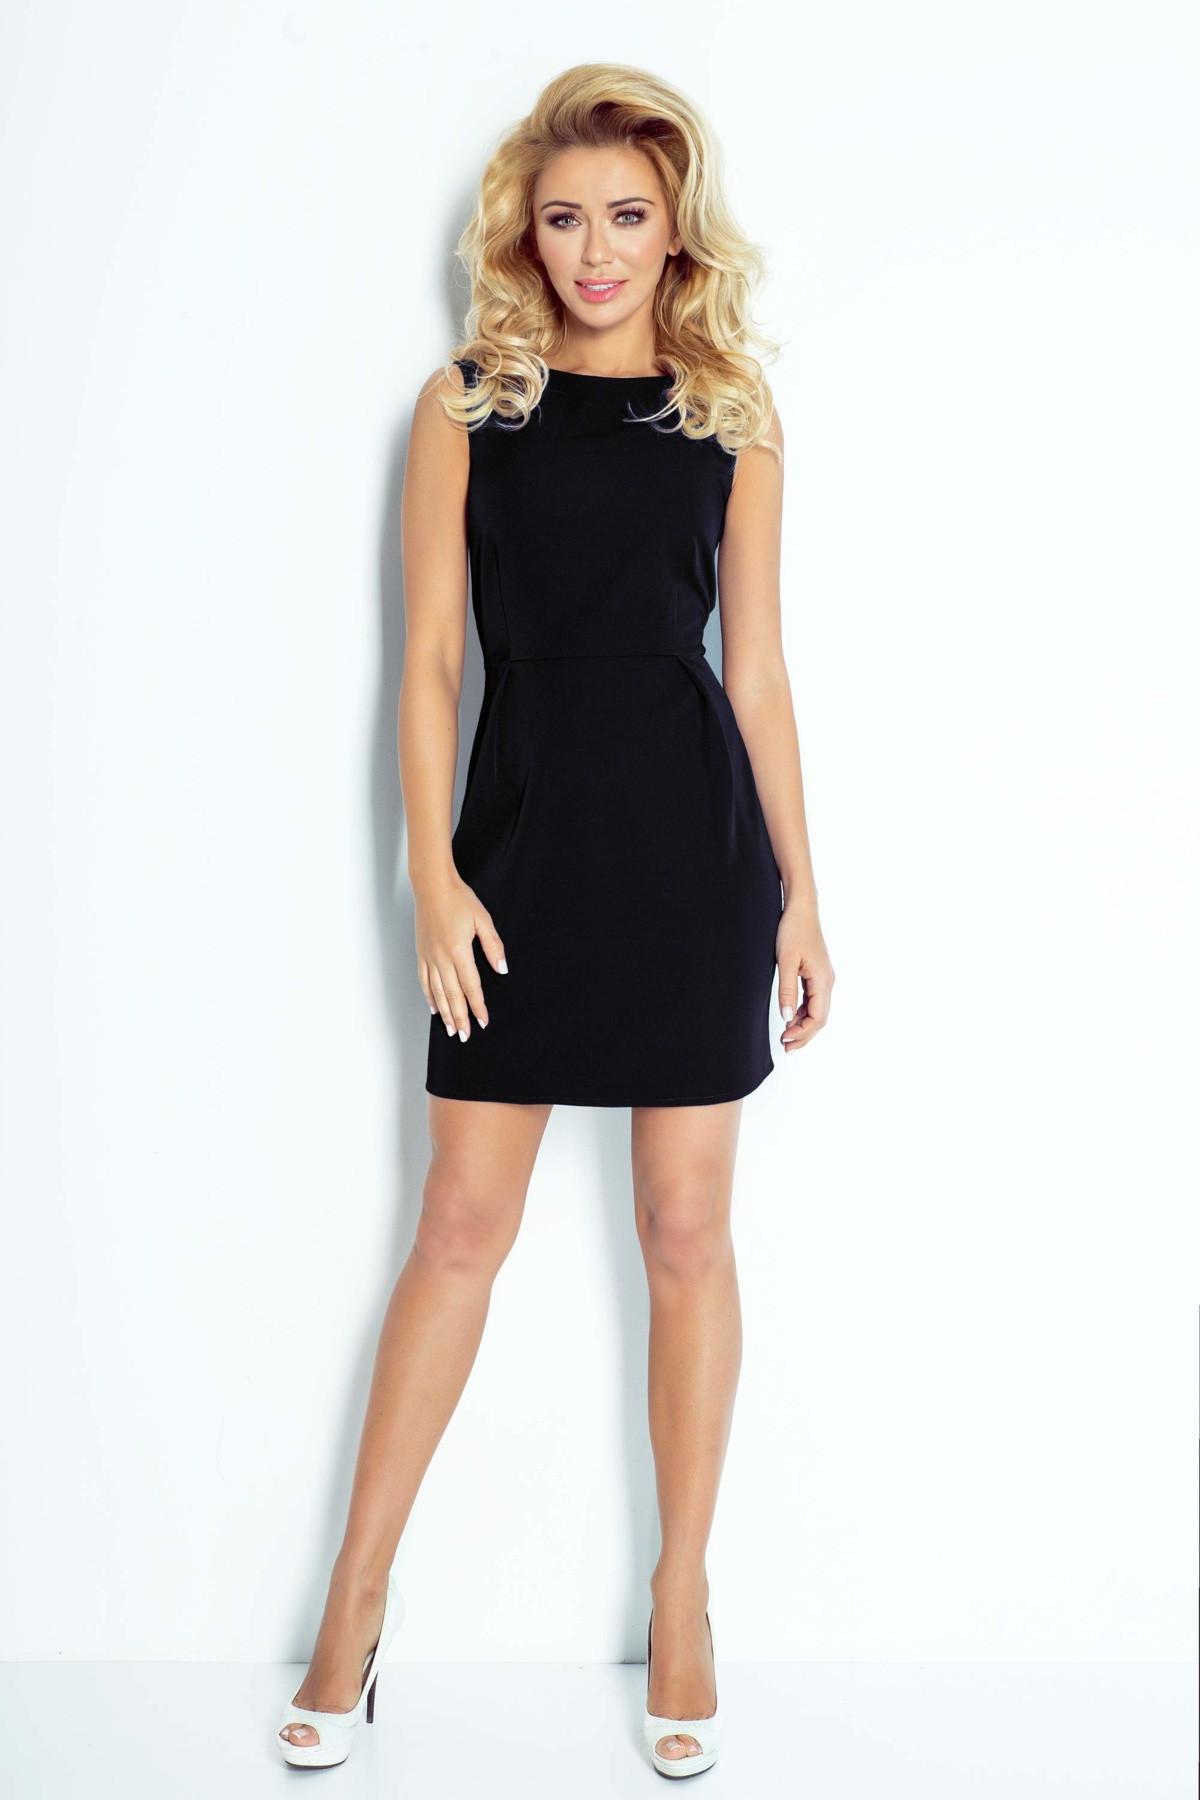 Dámske spoločenské šaty Madlen bez rukávov krátke čierne - Čierna - Numoco čierna L